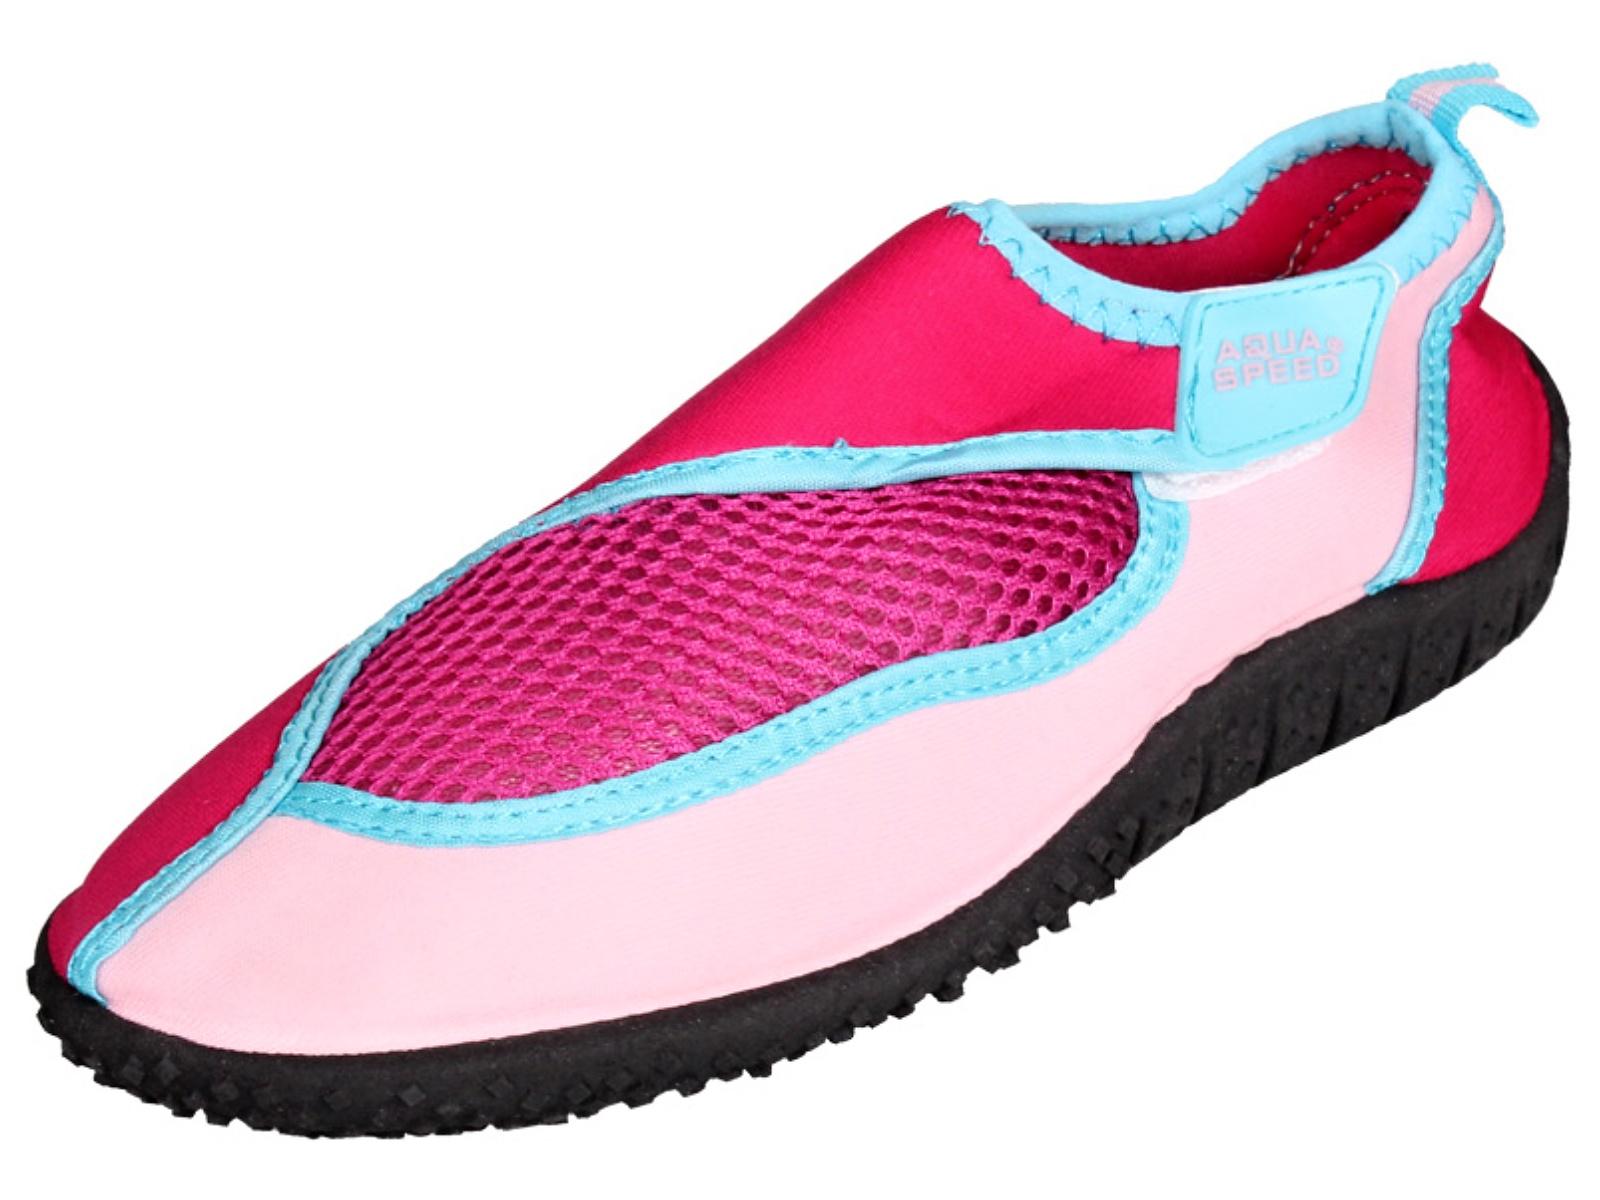 efe44e3e7b0f Topánky do vody AQUA-SPEED 26C detské ružové - veľ. 29